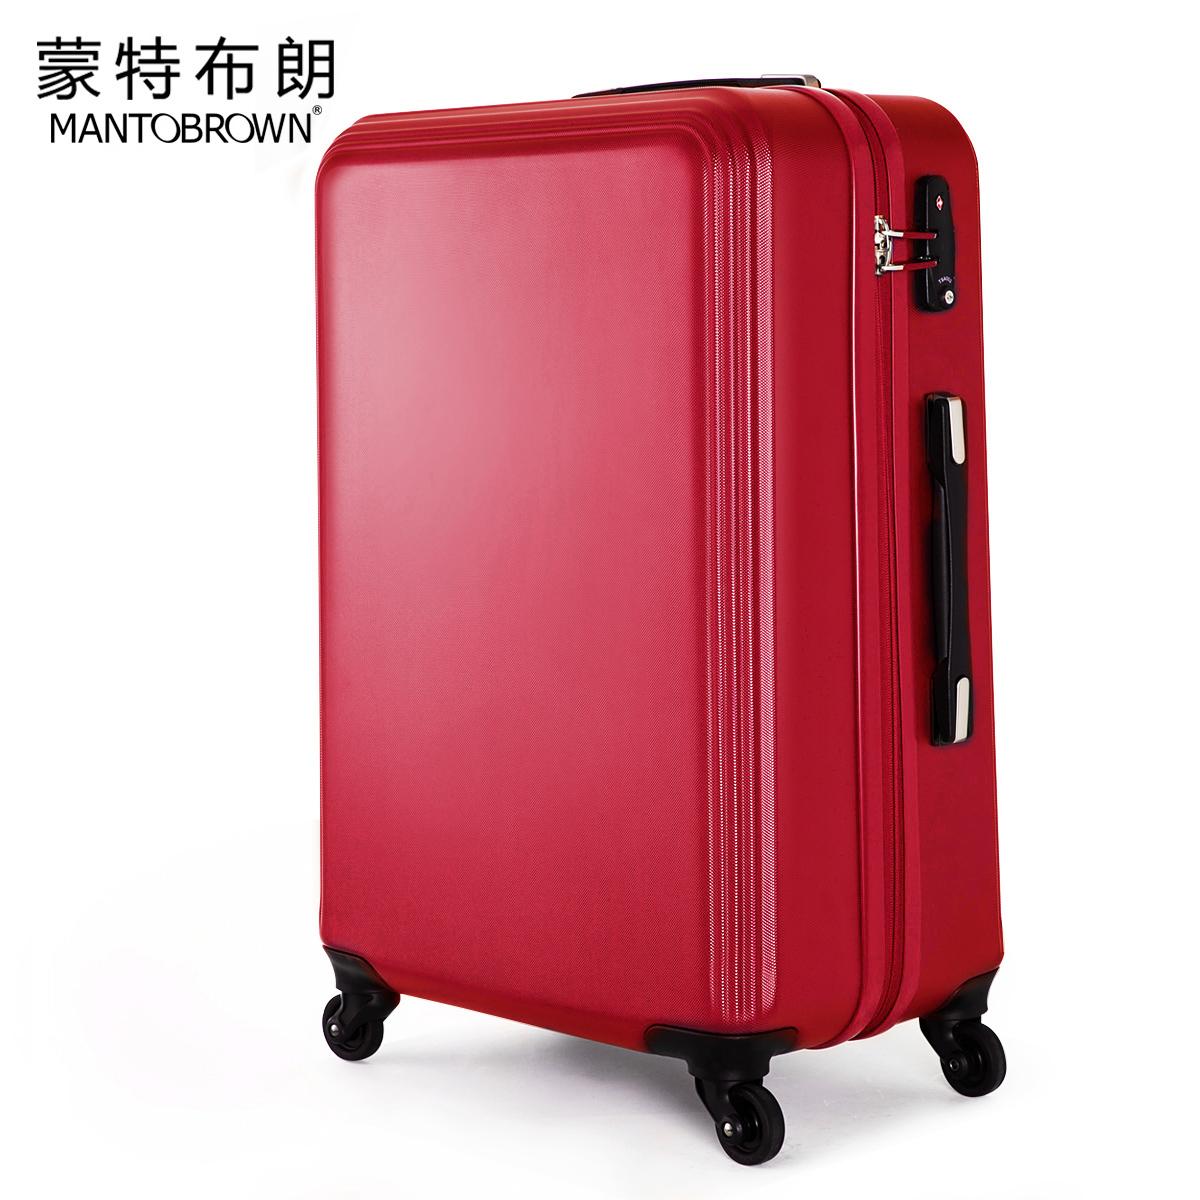 28 寸 24 登机旅行皮箱密码箱子 20 蒙特布朗拉杆箱万向轮男女行李箱包